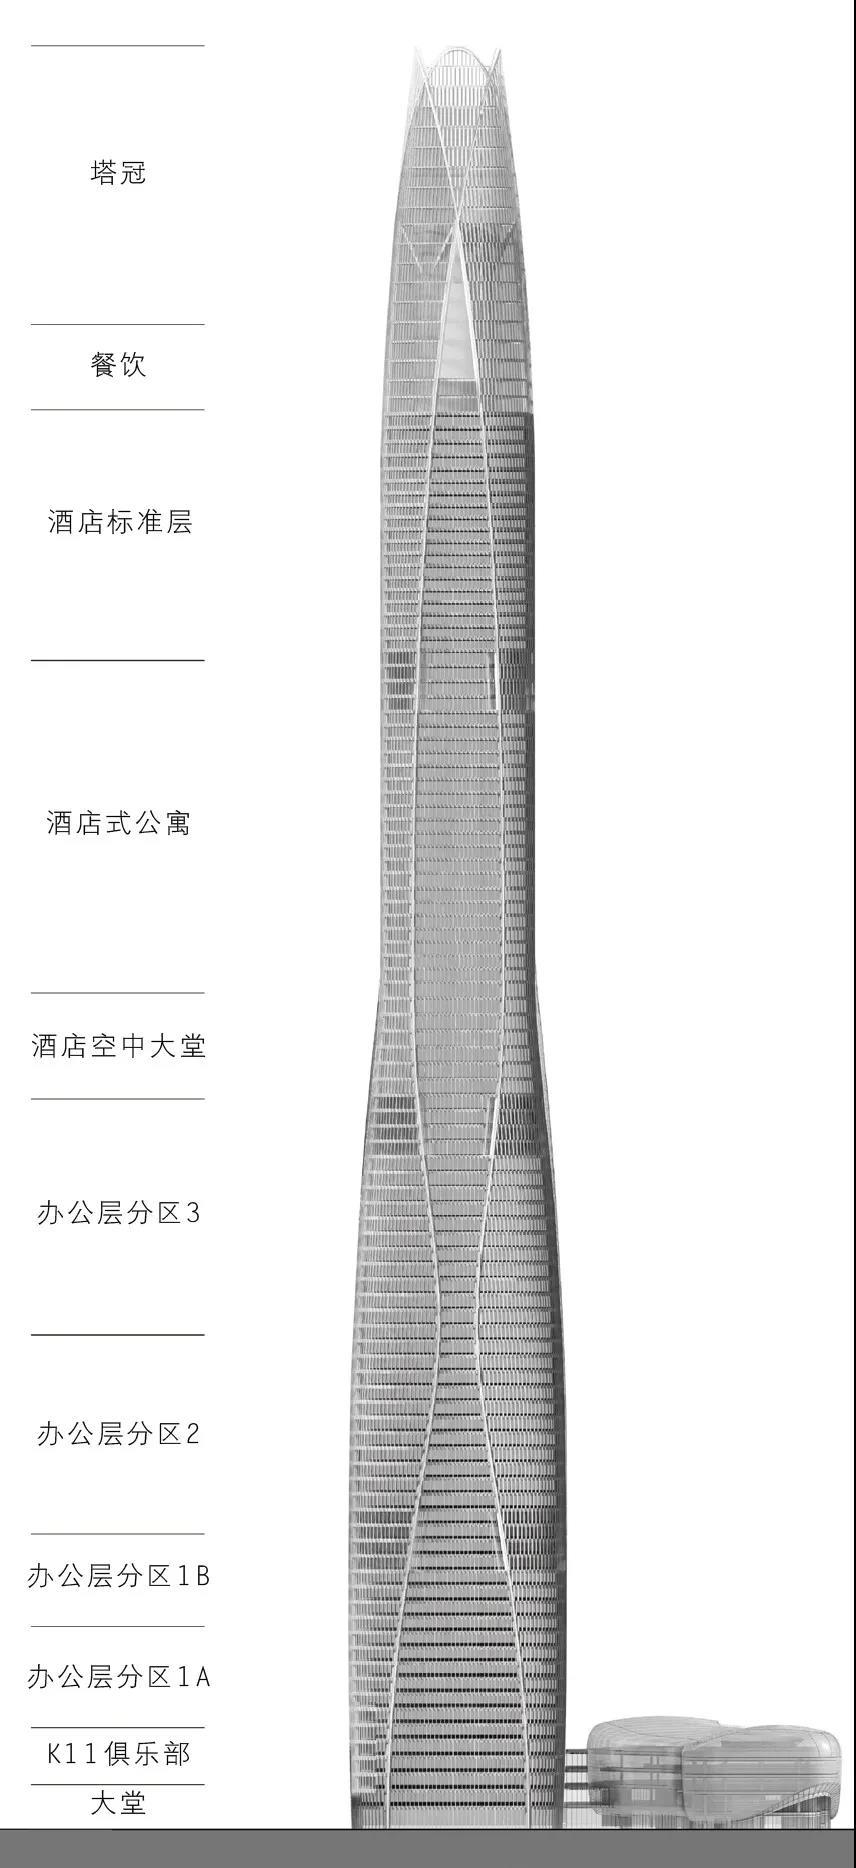 天津周大福金融中心北立面效果图